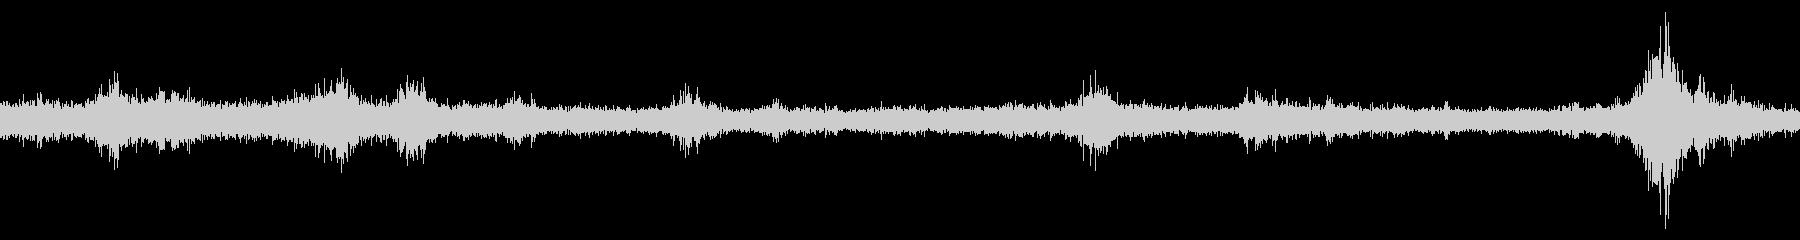 渋谷駅西口交差点 生録音 ループの未再生の波形